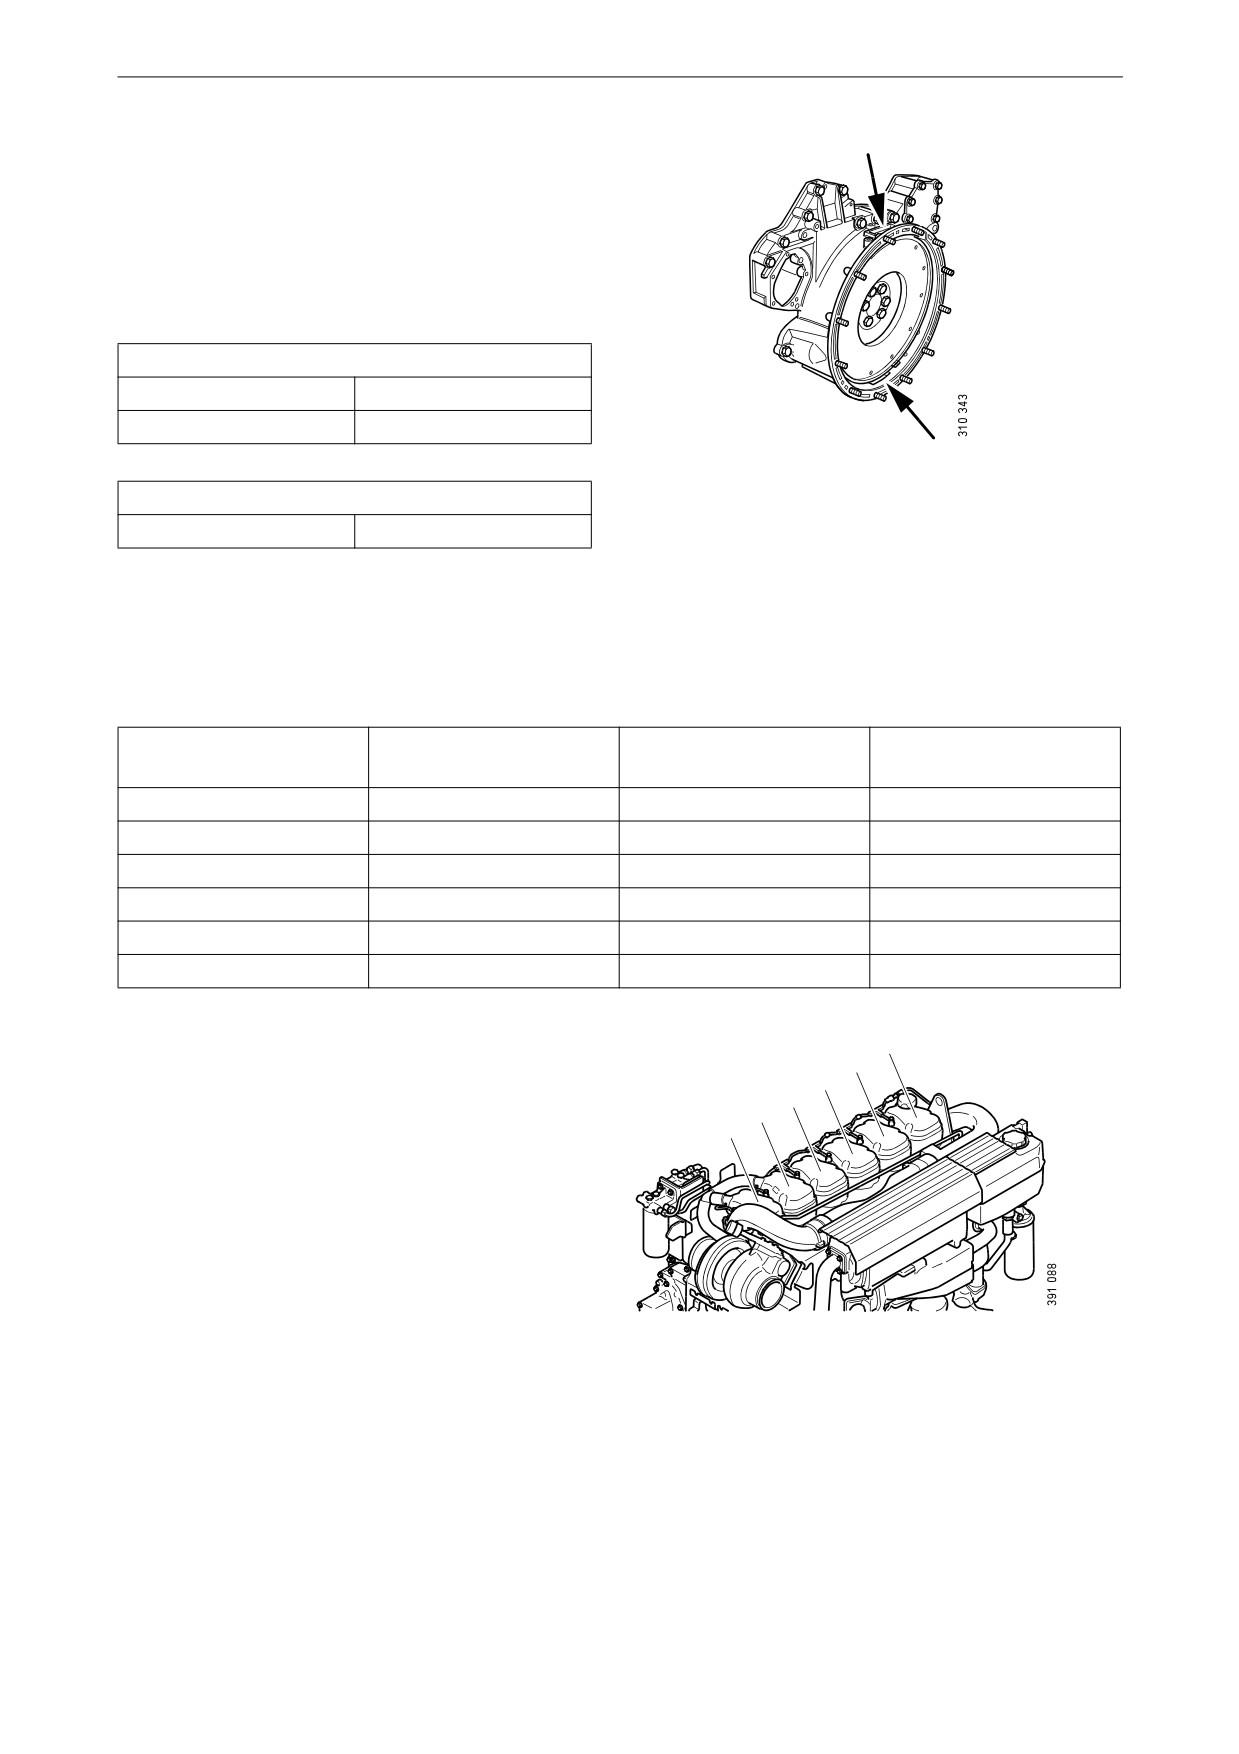 Scania Technical Manual